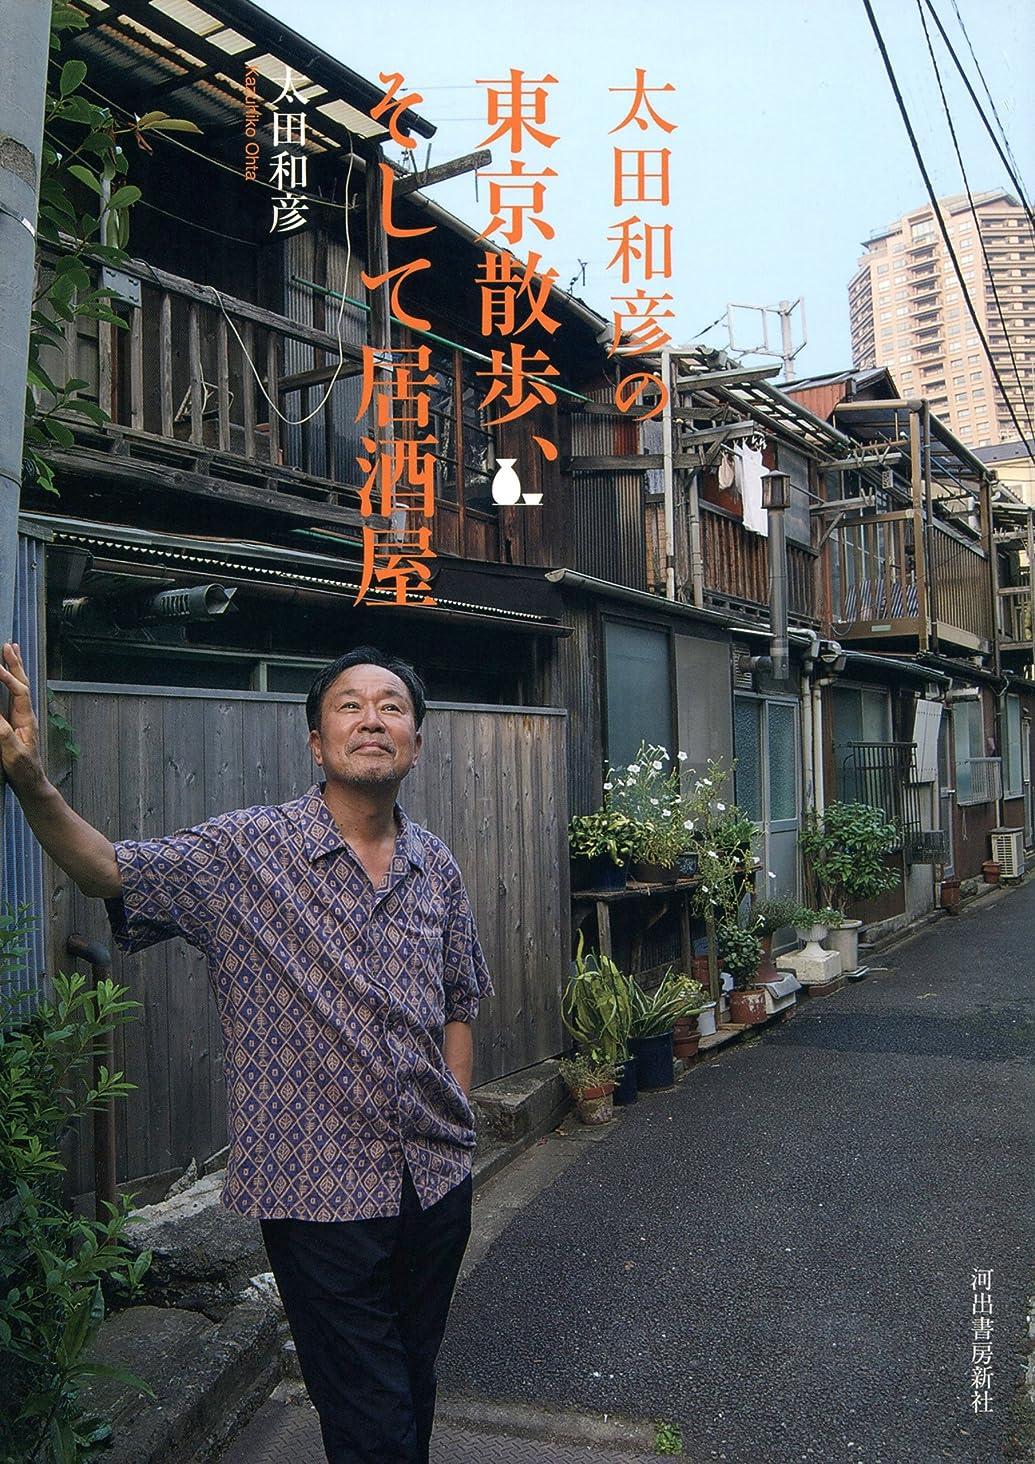 苦味否認する最小化する太田和彦の東京散歩、そして居酒屋